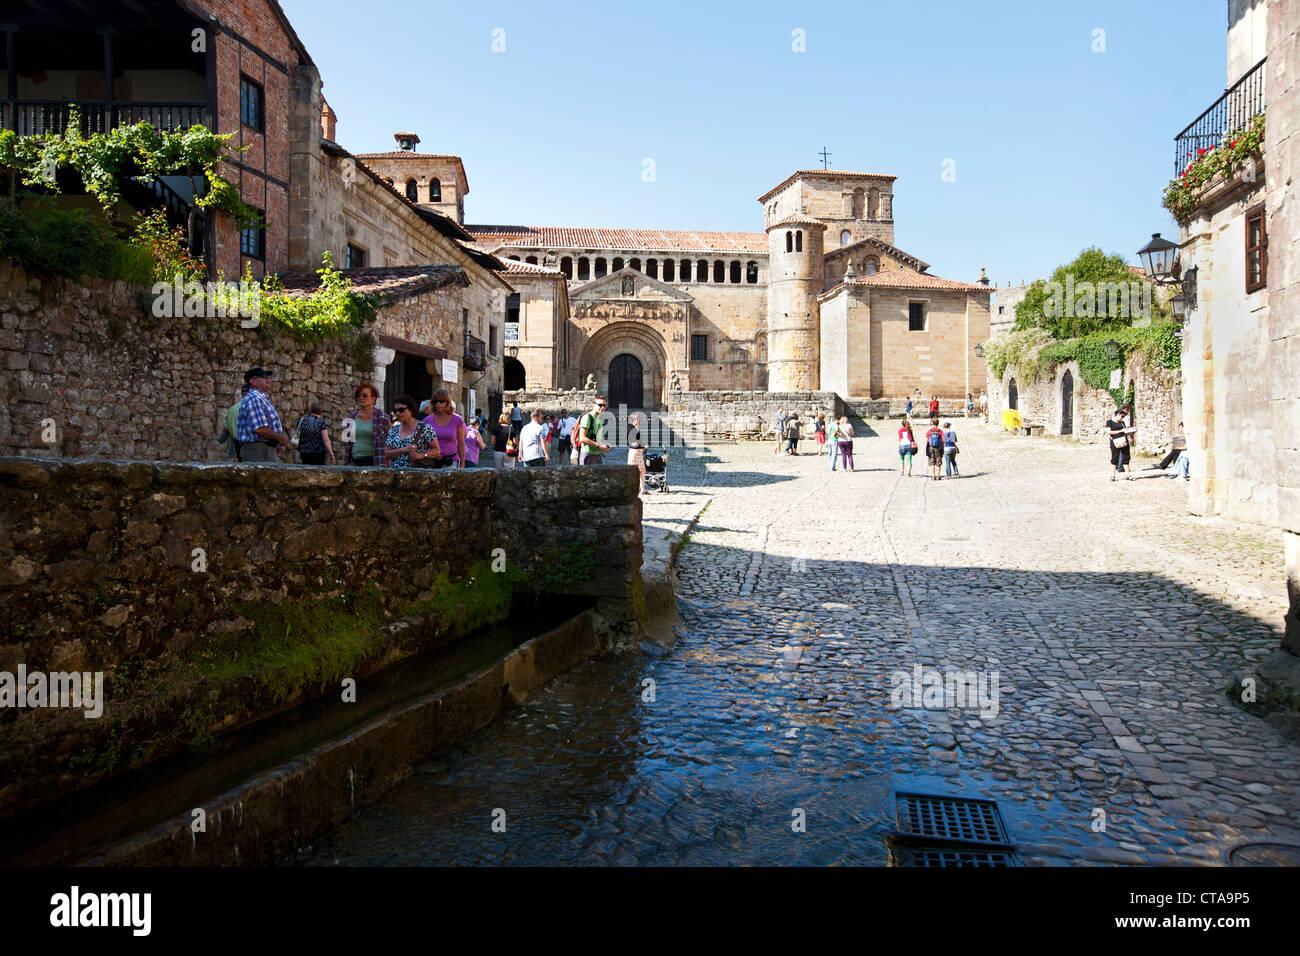 Colegiata de Santillana del Mar, old town, Santillana del Mar, Cantabria, Spain - Stock Image